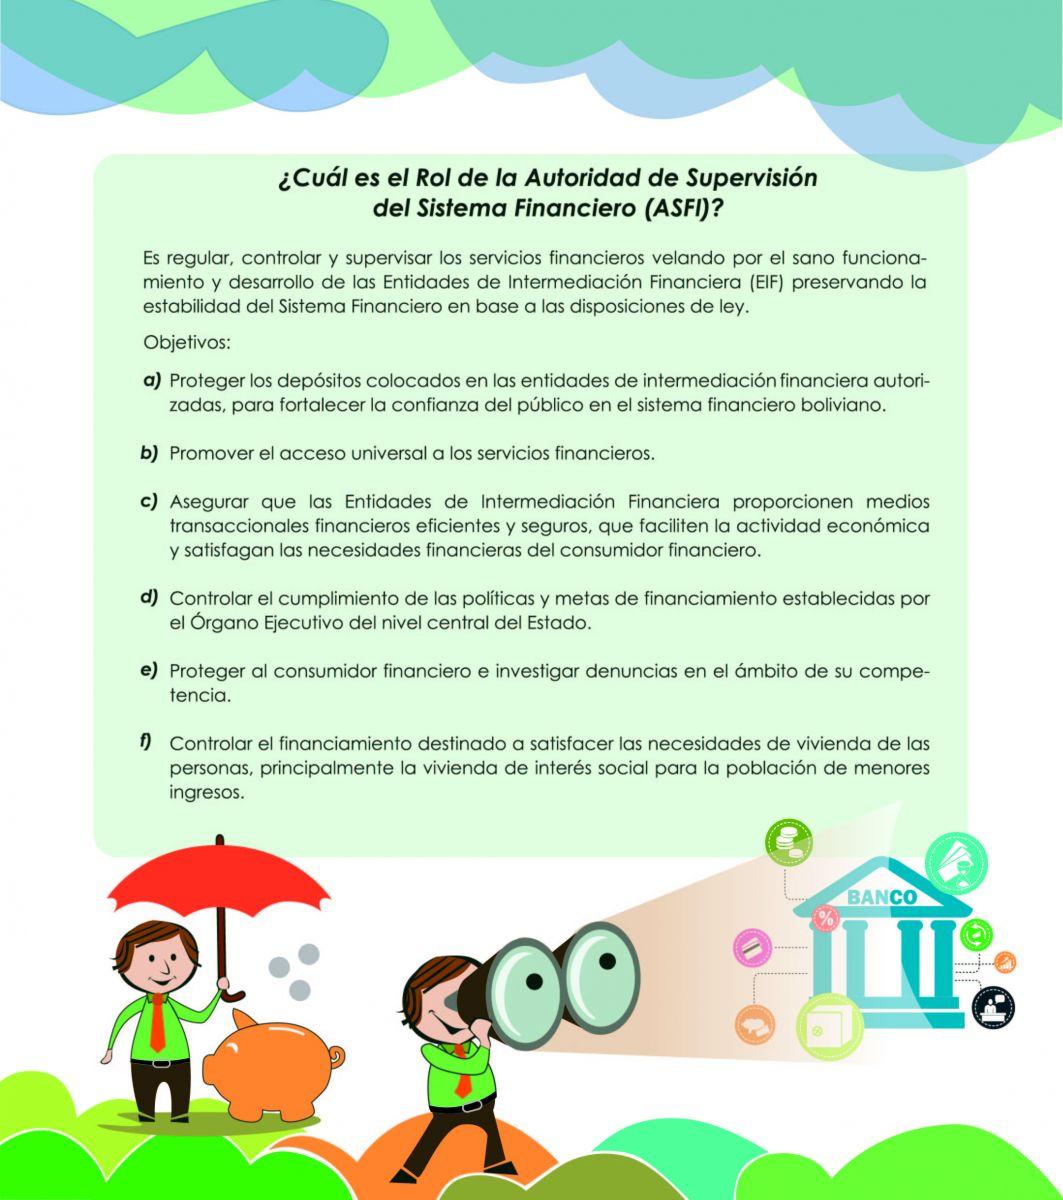 ¿Cuál es el Rol de la Autoridad de Supervisión del Sistema Financiero (ASFI)? - Parte1